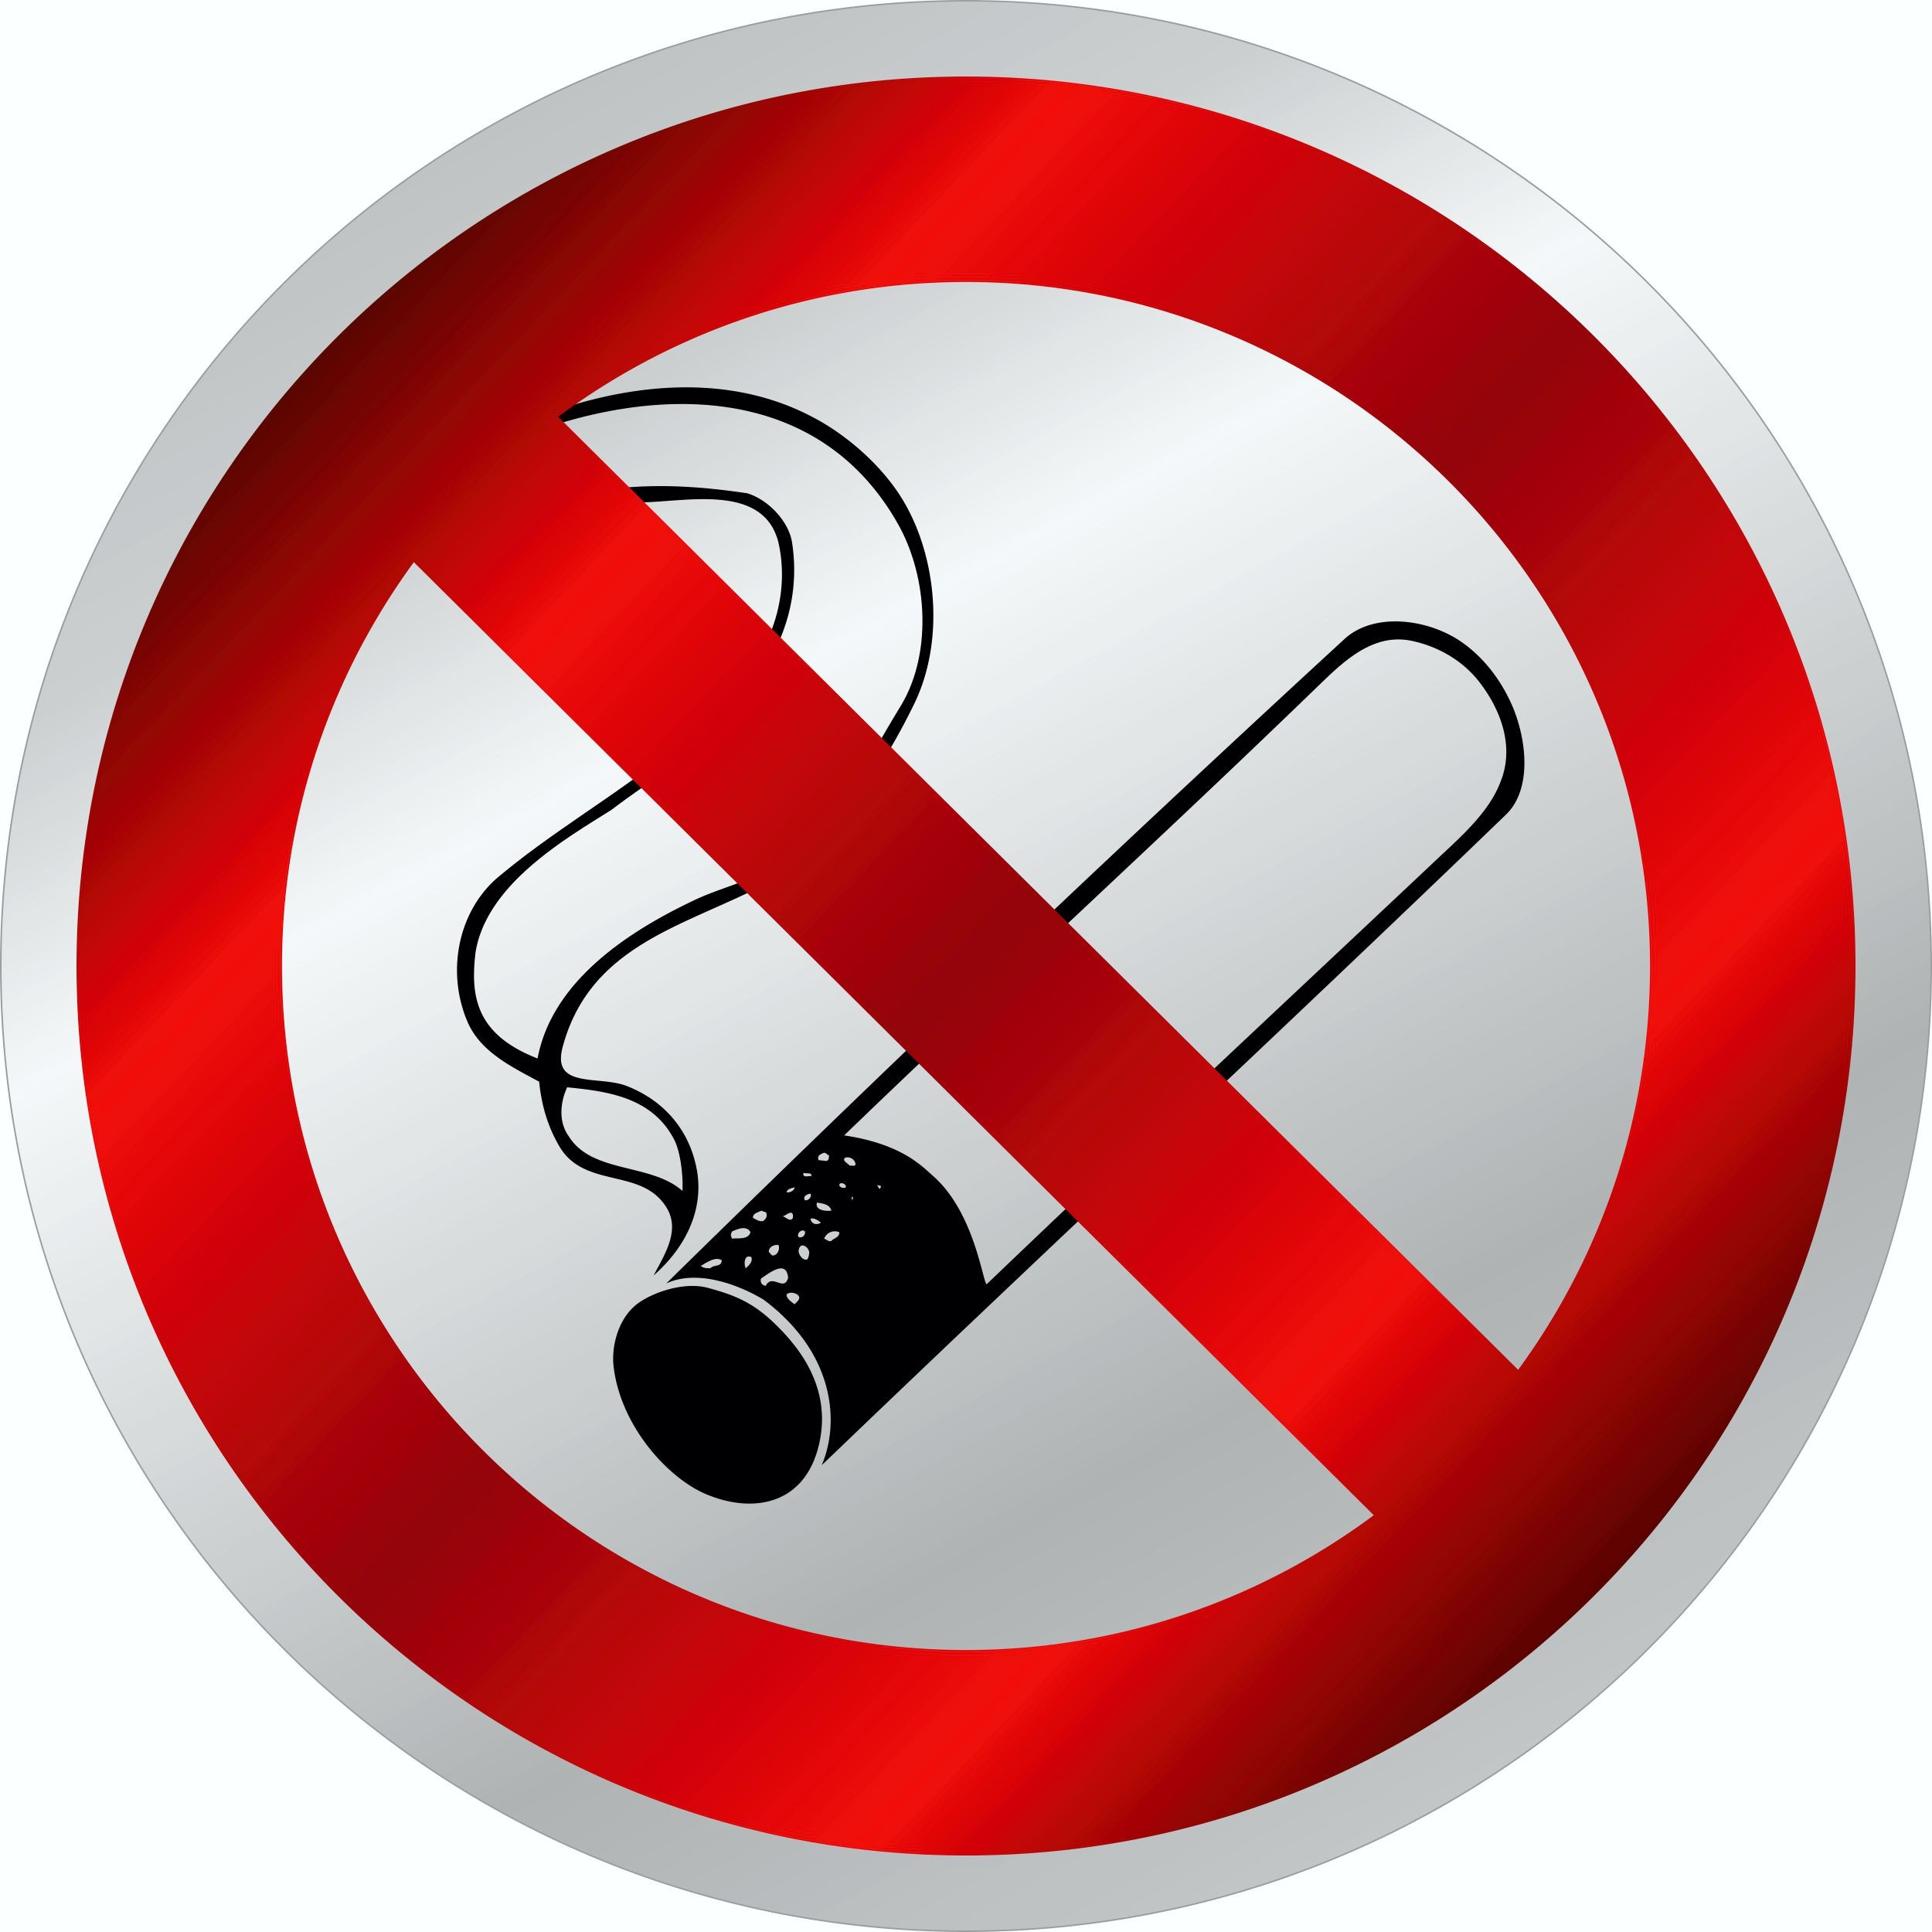 Autocollant Défense de fumer réfléchissant 80 x 80 mm – Bild 1